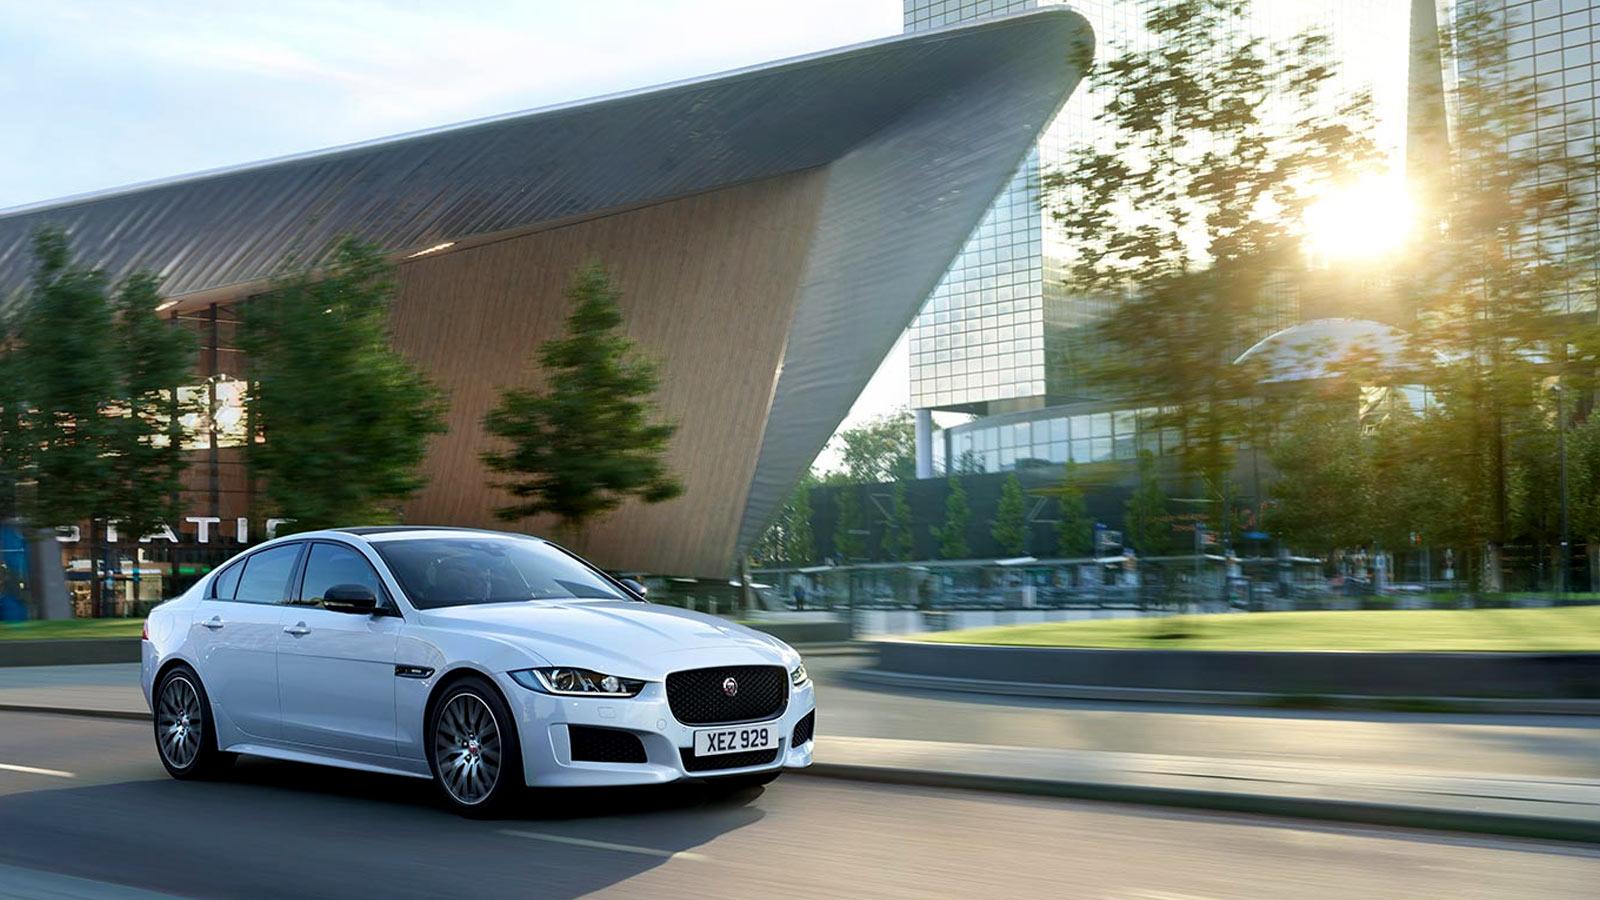 Jaguar XE 2.0d R-Dynamic HSE image 13